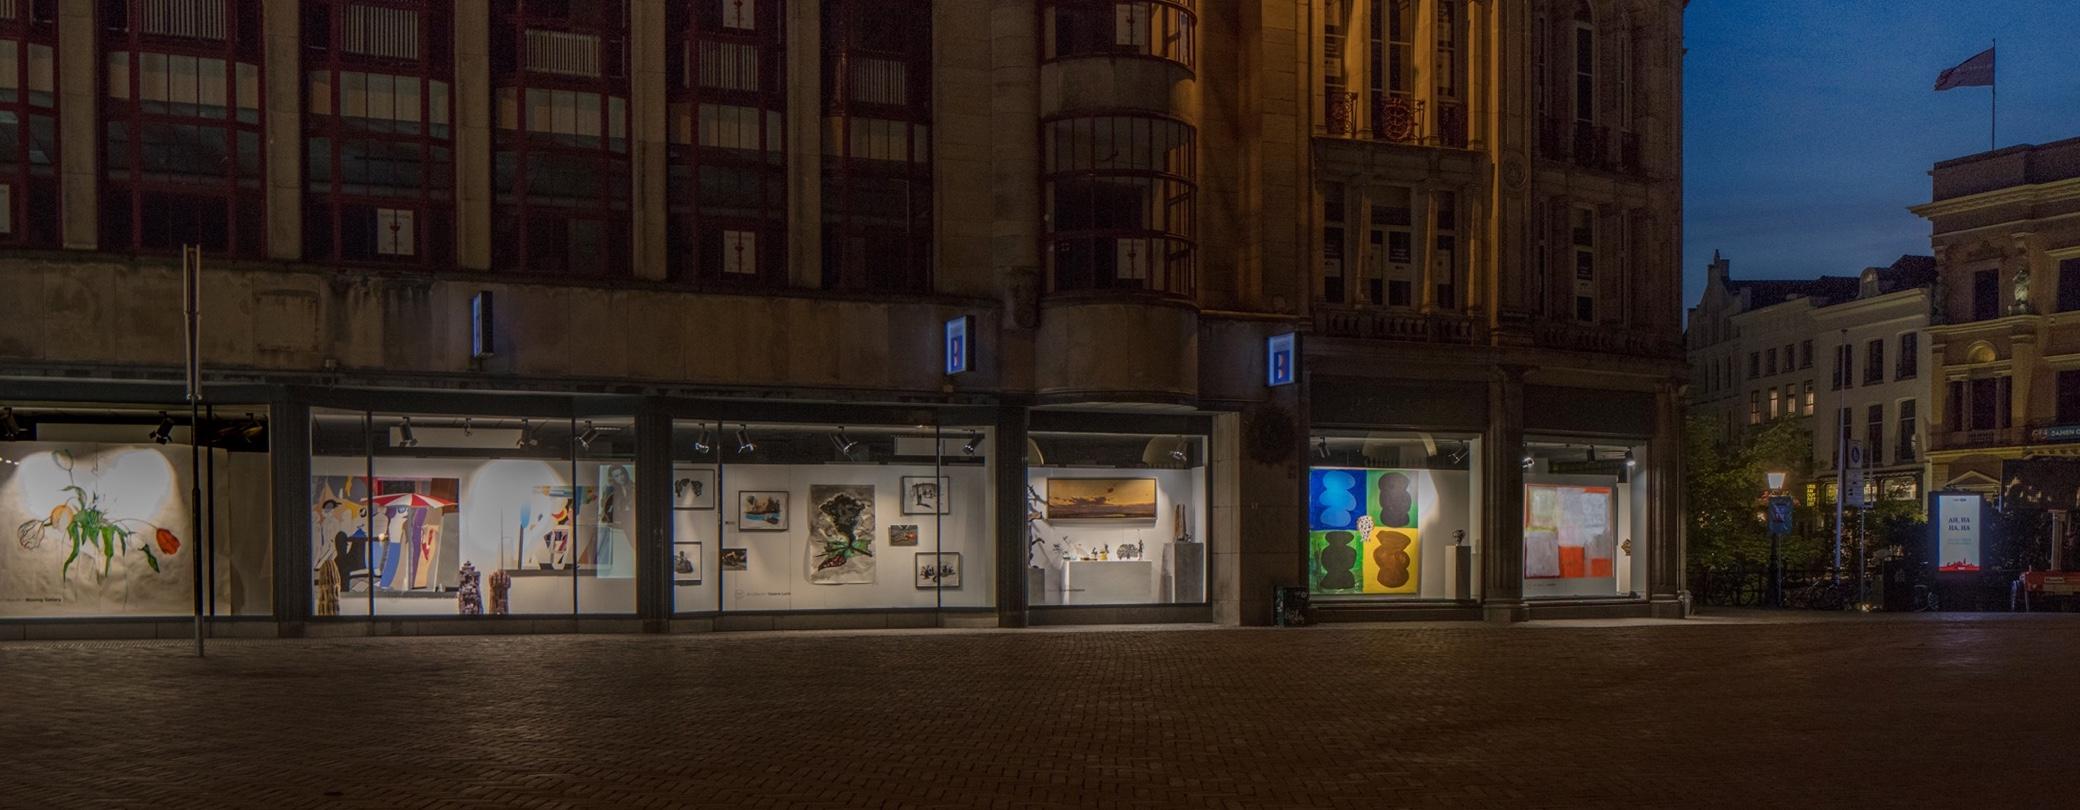 Open weekend Art Utrecht / Broese: Galleries, Art Spaces & Artists